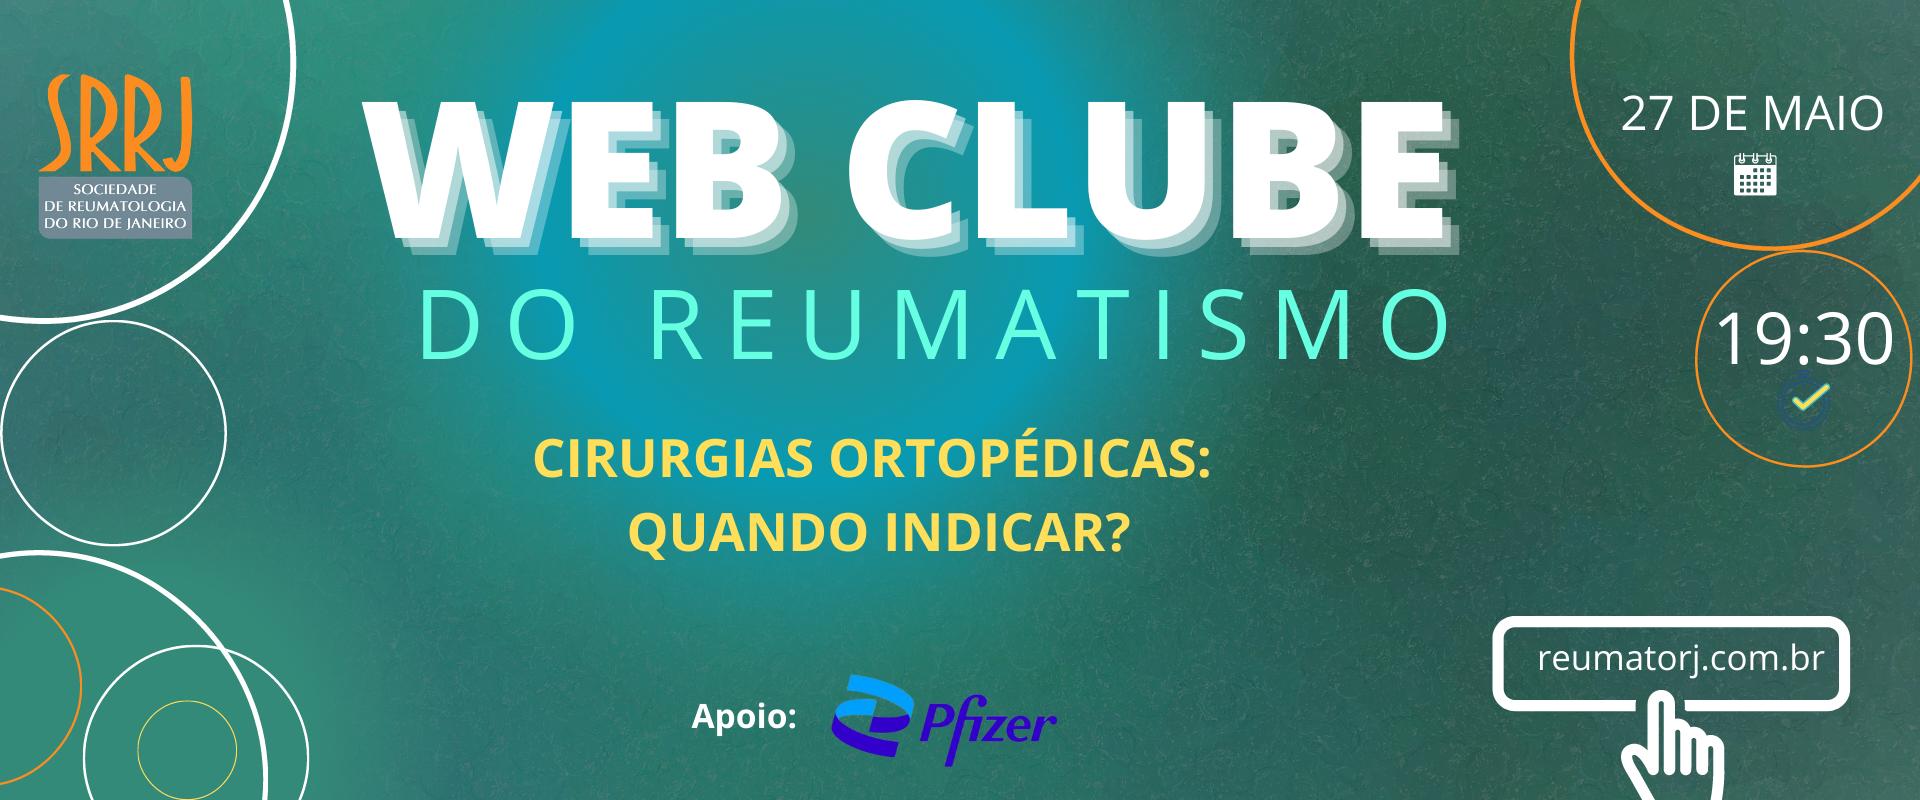 WEB CLUBE DO REUMATISMO – Cirurgias ortopédicas: quando indicar?